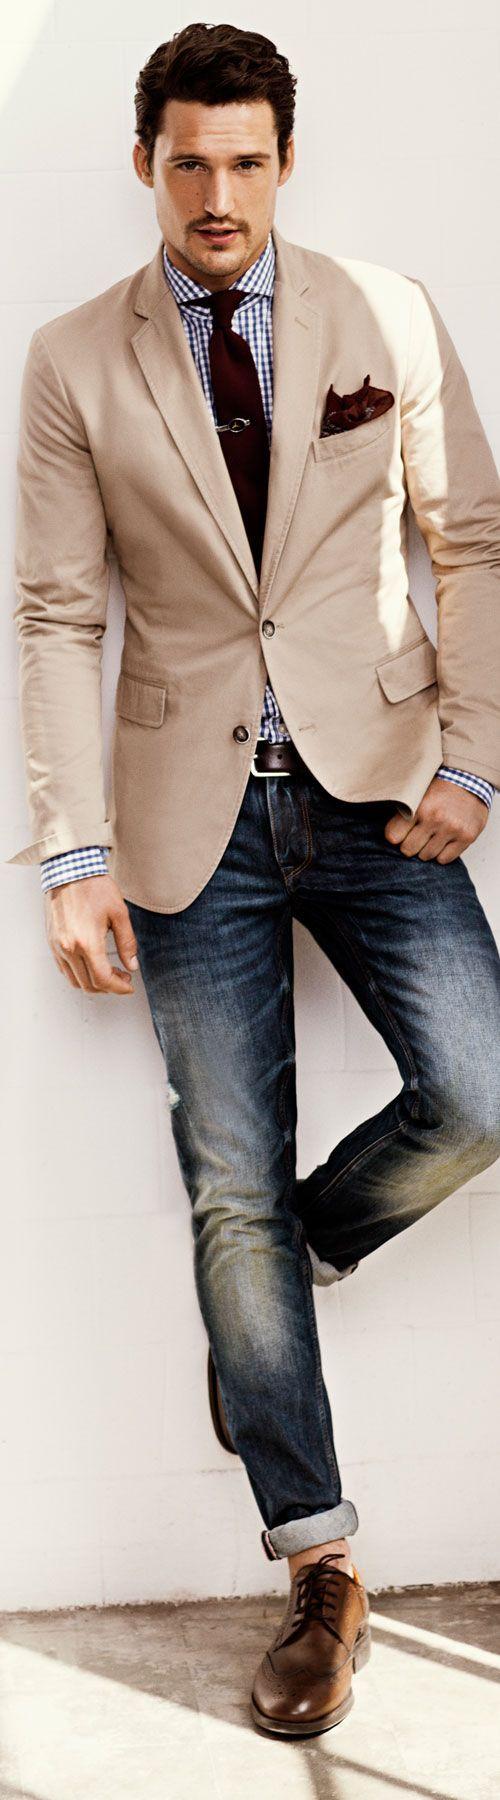 Comprar ropa de este look:  https://lookastic.es/moda-hombre/looks/blazer-camisa-de-vestir-vaqueros-zapatos-brogue-corbata-panuelo-de-bolsillo-correa/1529  — Vaqueros Azul Marino  — Correa de Cuero Marrón  — Zapatos Brogue de Cuero Marrónes  — Pañuelo de Bolsillo de Paisley Burdeos  — Corbata Burdeos  — Blazer Beige  — Camisa de Vestir de Cuadro Vichy Blanca y Azul Marino